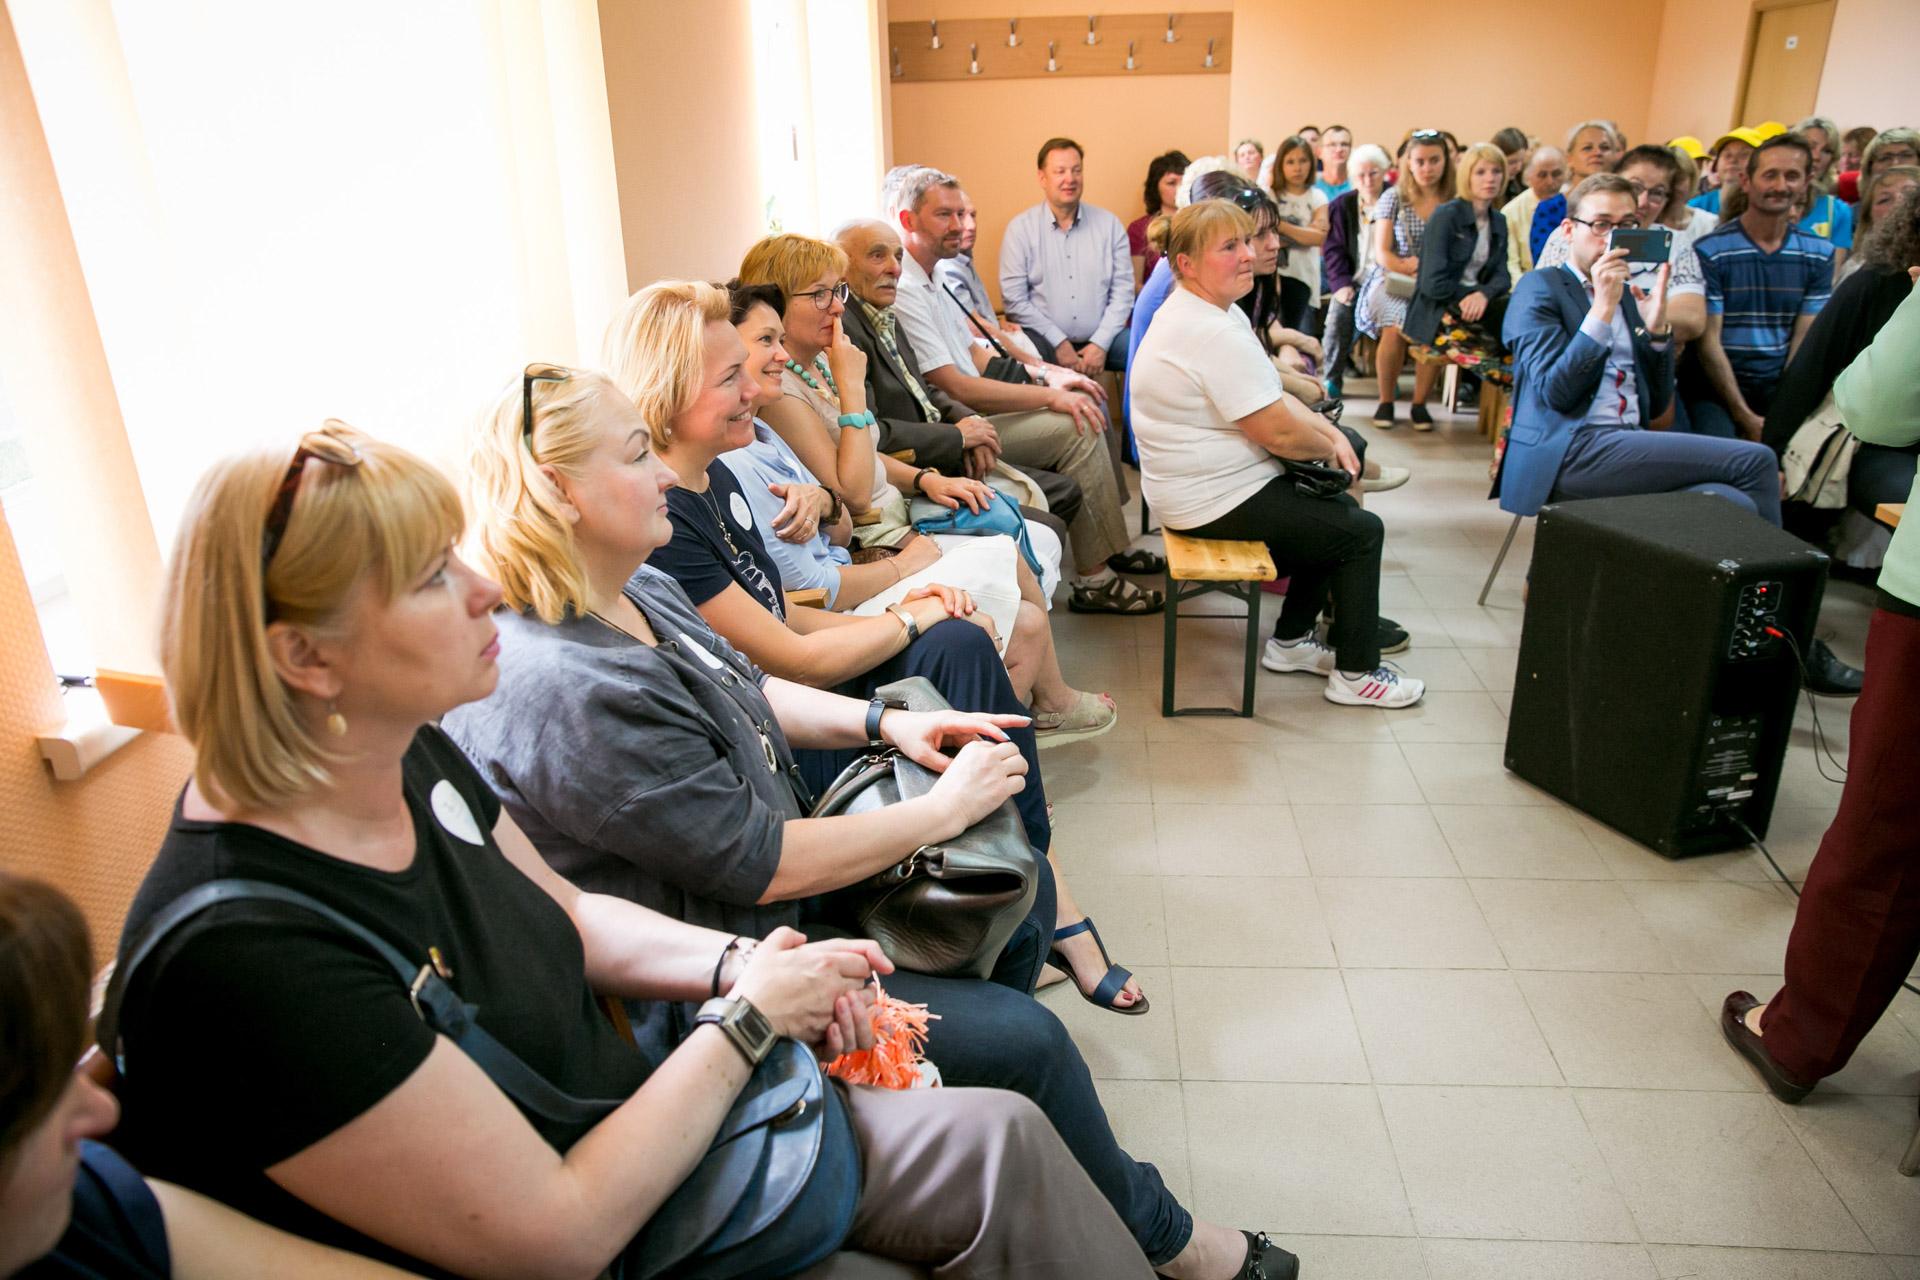 """Kad projektas #Įkvėpk Lietuvai yra būtinas, E. Kubilius su bendraminčiais galutinai įsitikino po pokalbio suVilniaus miesto krizių centro vadoveNijole Dirsiene. """"Žmonėms, kuriais mes rūpinamės, reikia socialinės, emocinės bendravimo pagalbos. Trūksta artimesnio, žmogiško ryšio, o ne pinigų, nes sofą ar televizorių suorganizuoti galime greitai"""", – tąsyk pasakė ji./ Justinos Gedvilaitės nuotr."""